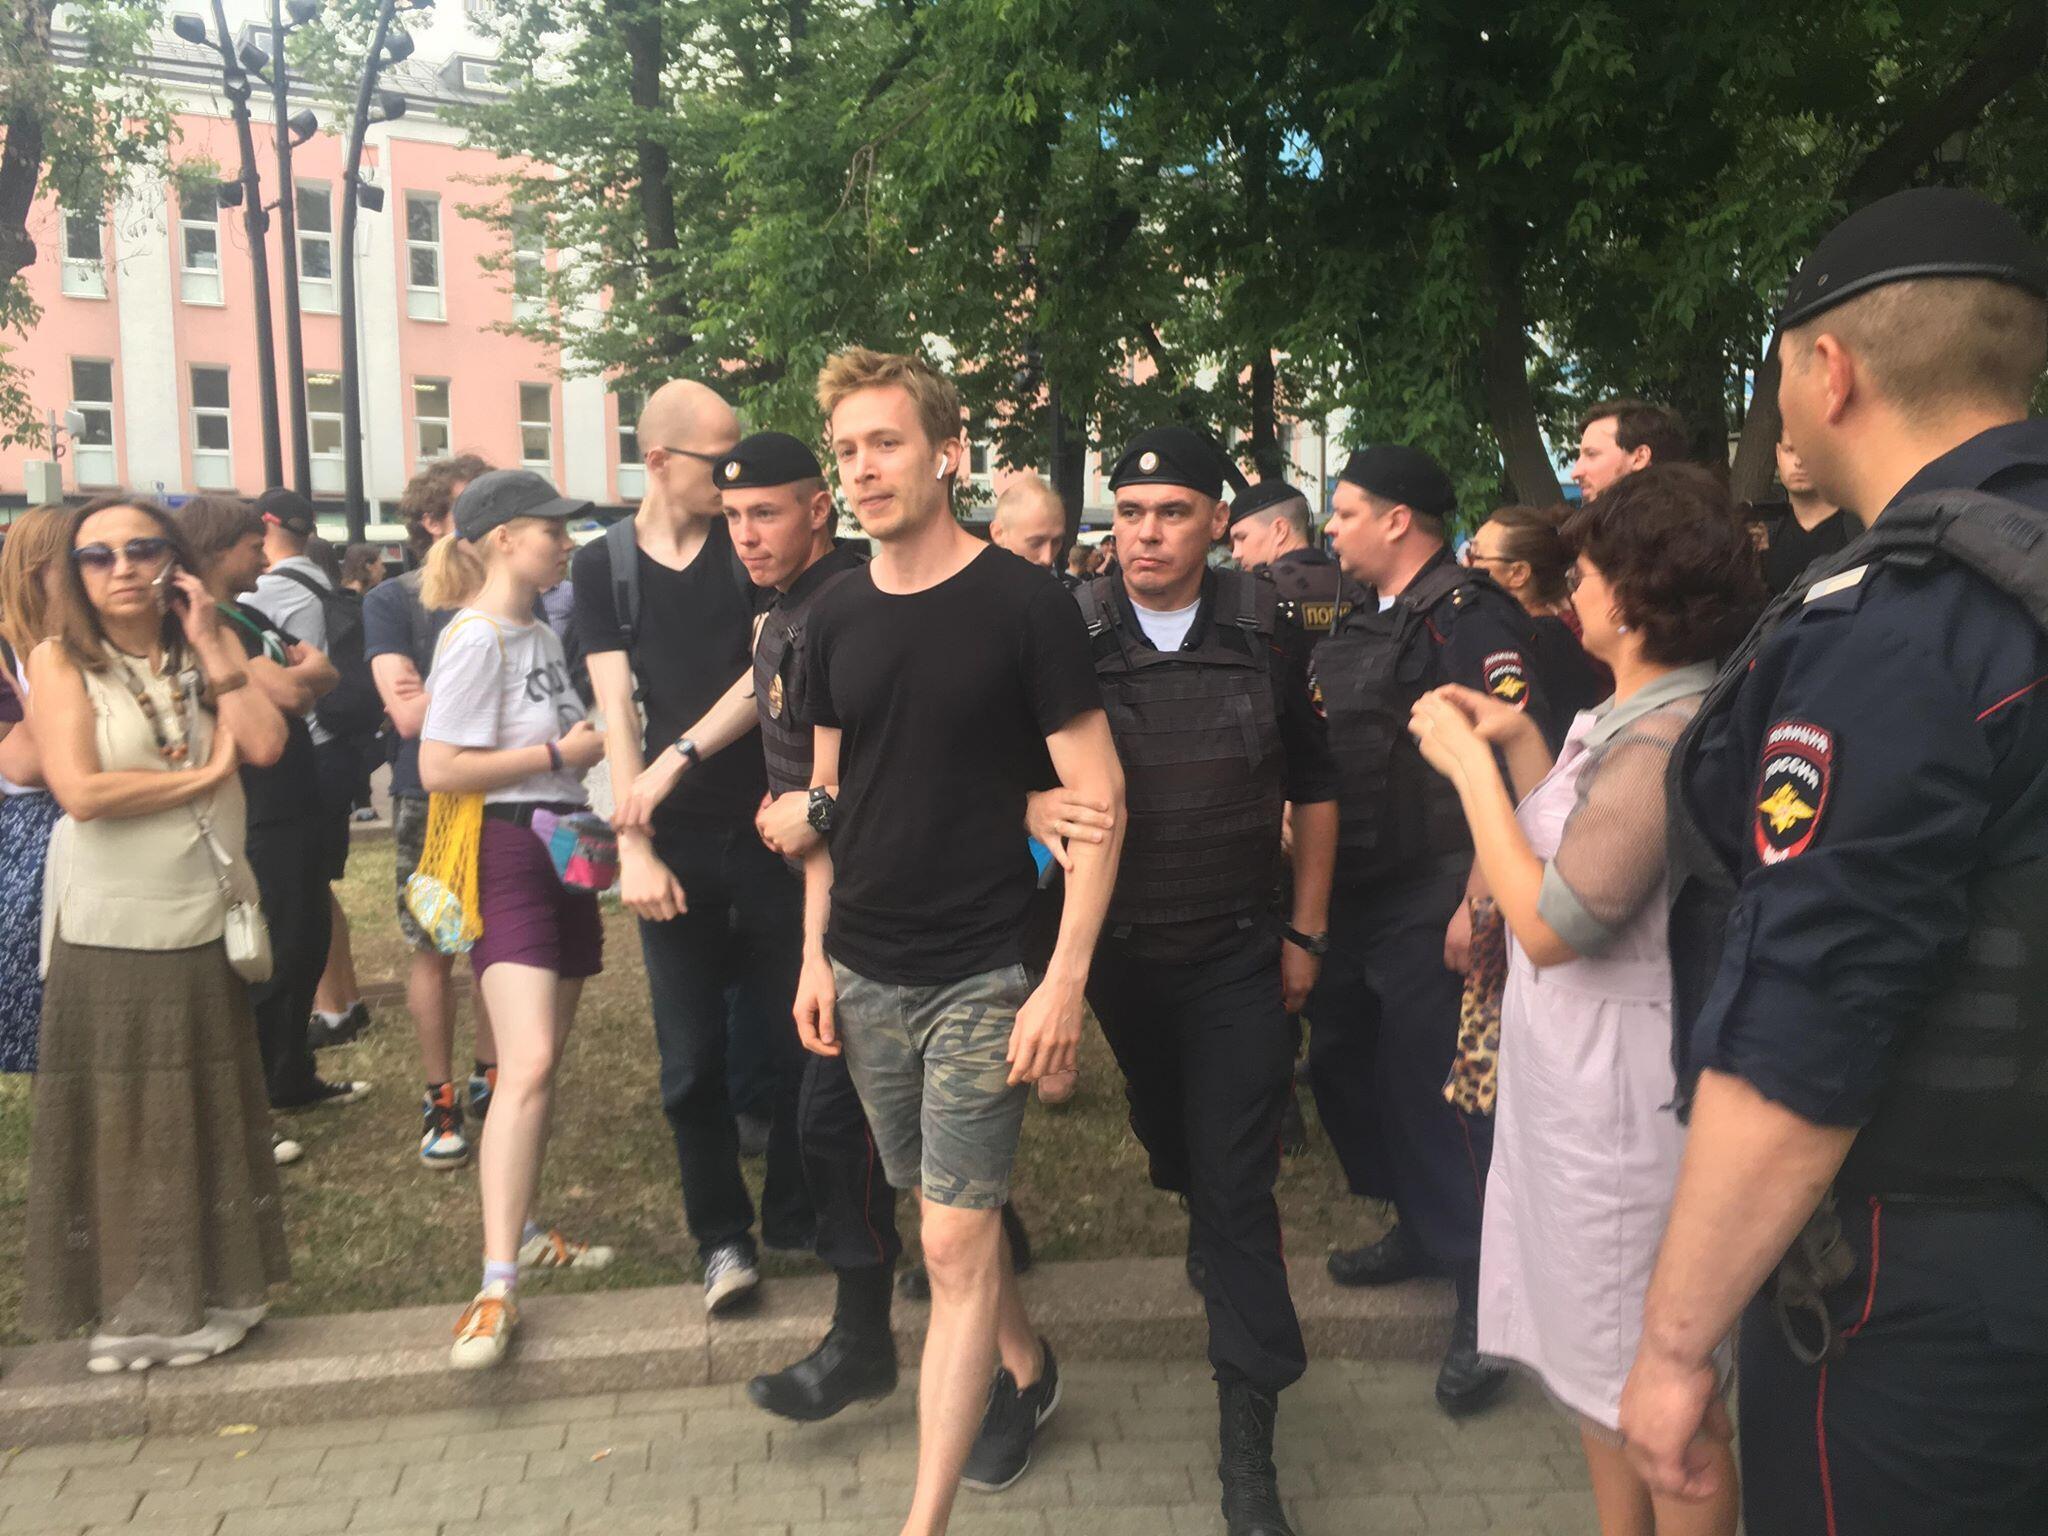 Полиция продолжает задерживать людей на акции в центре Москвы, 12 июня 2019 года